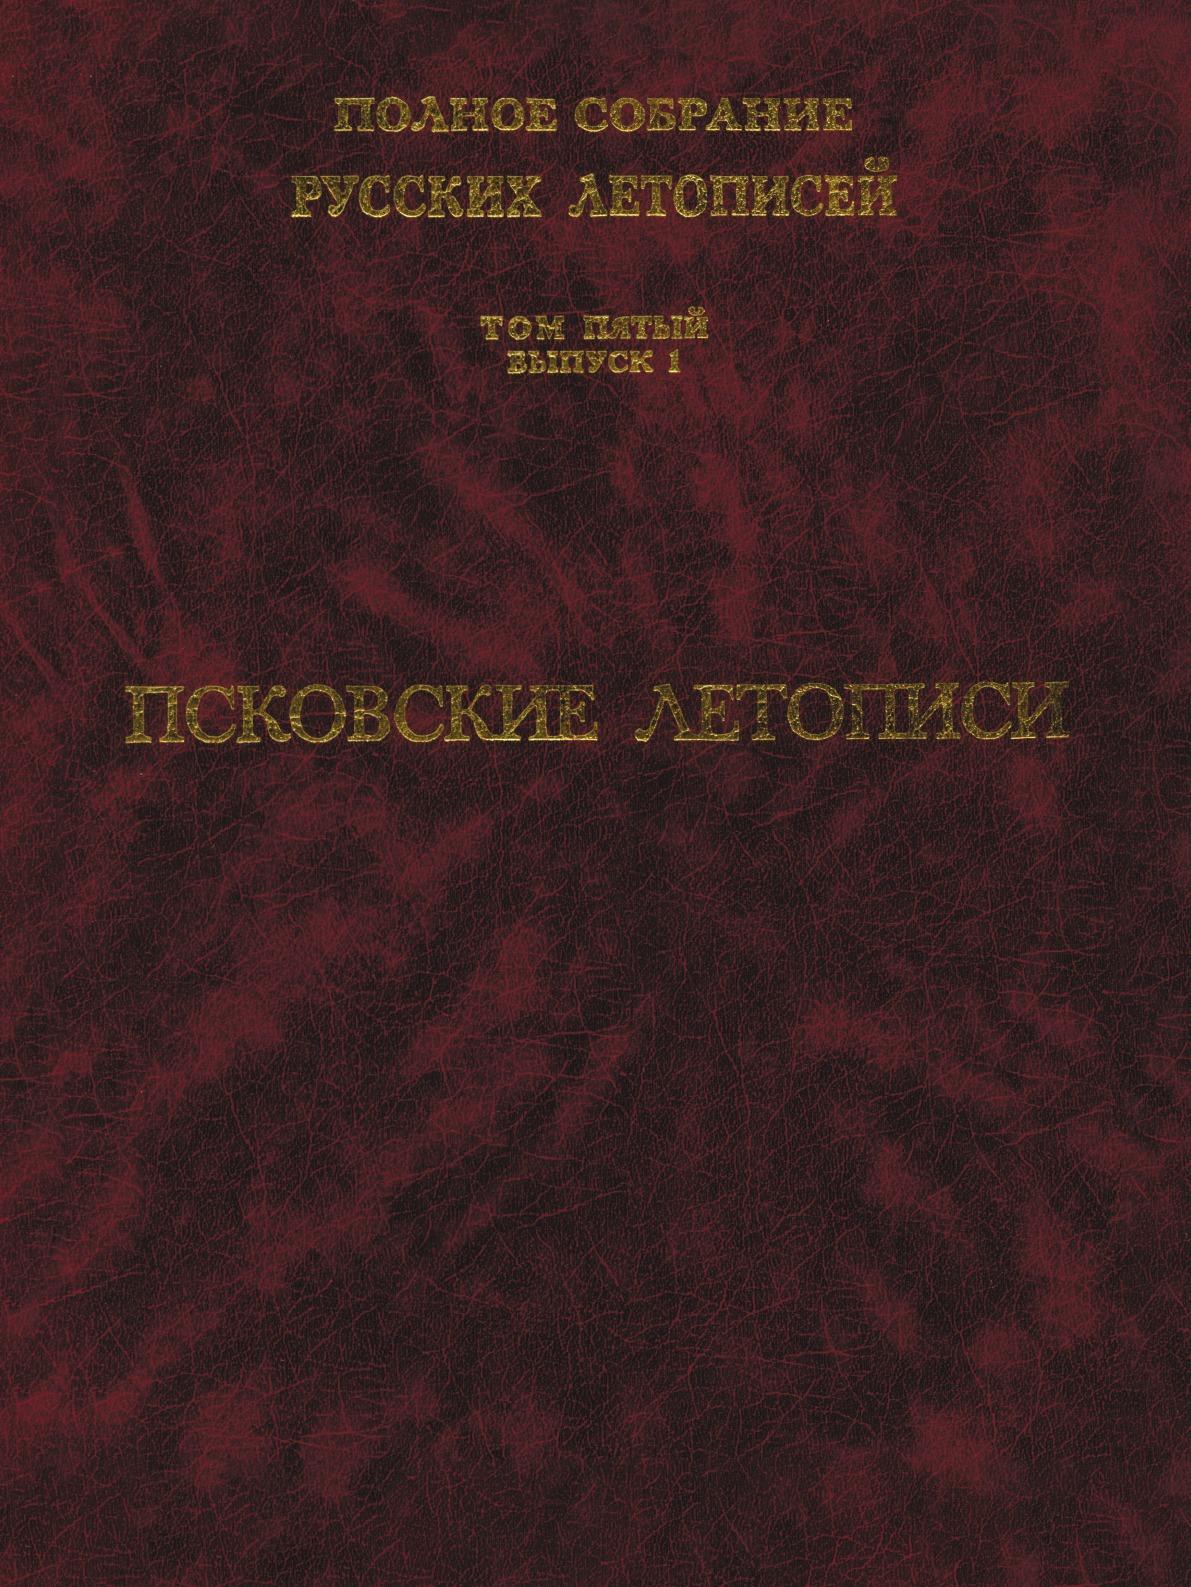 Полное собрание русских летописей. Том 5. Выпуск 1. Псковские летописи (6689)